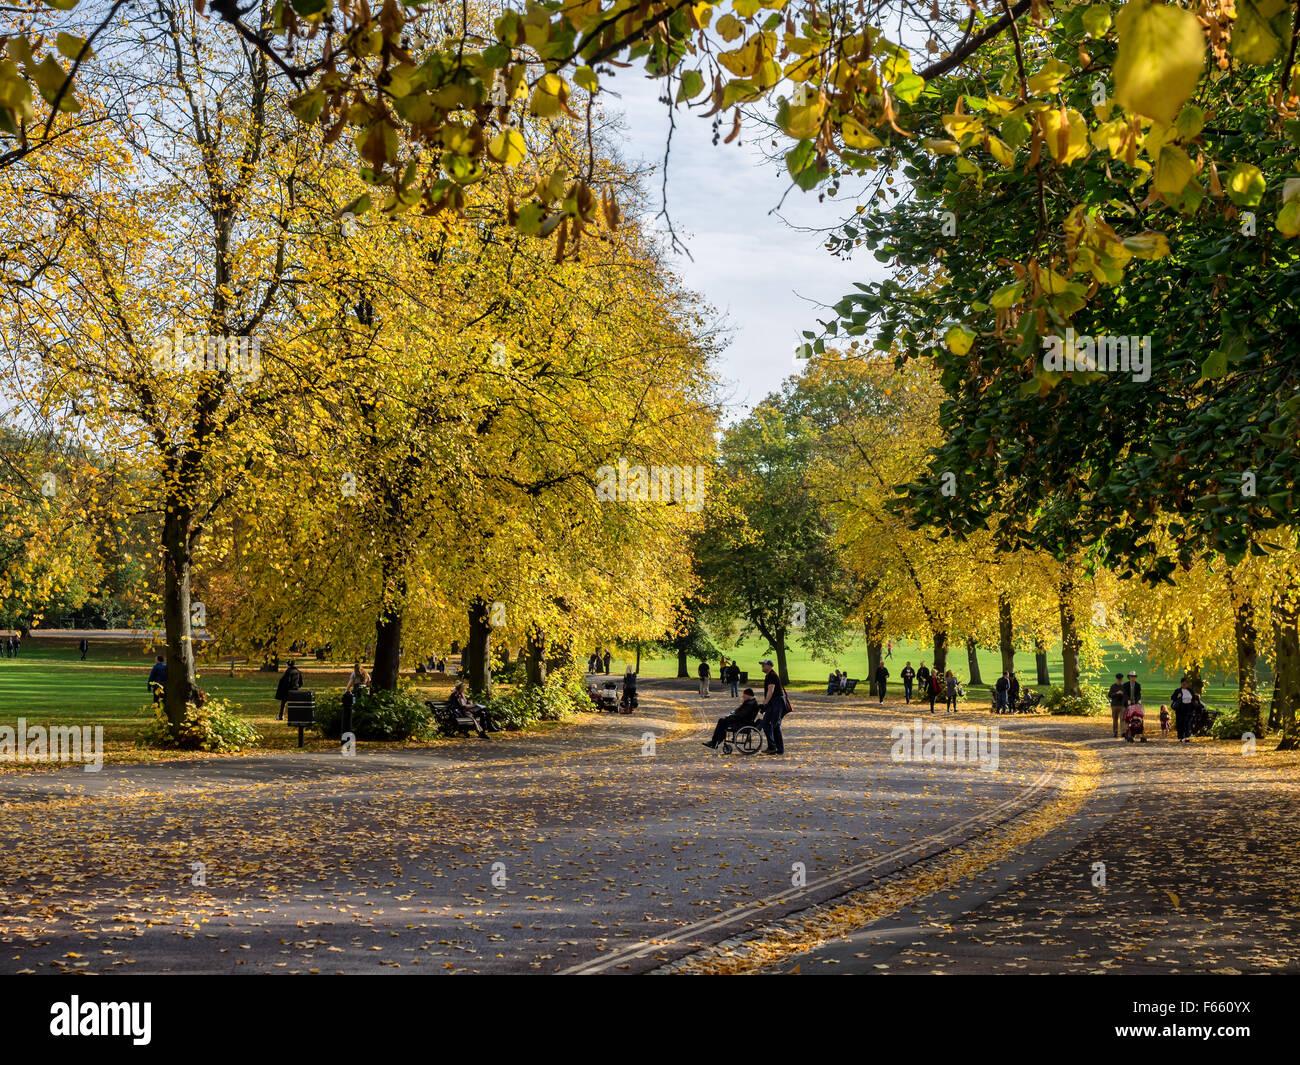 Parque público en Greenwich Village, Londres, Reino Unido Imagen De Stock